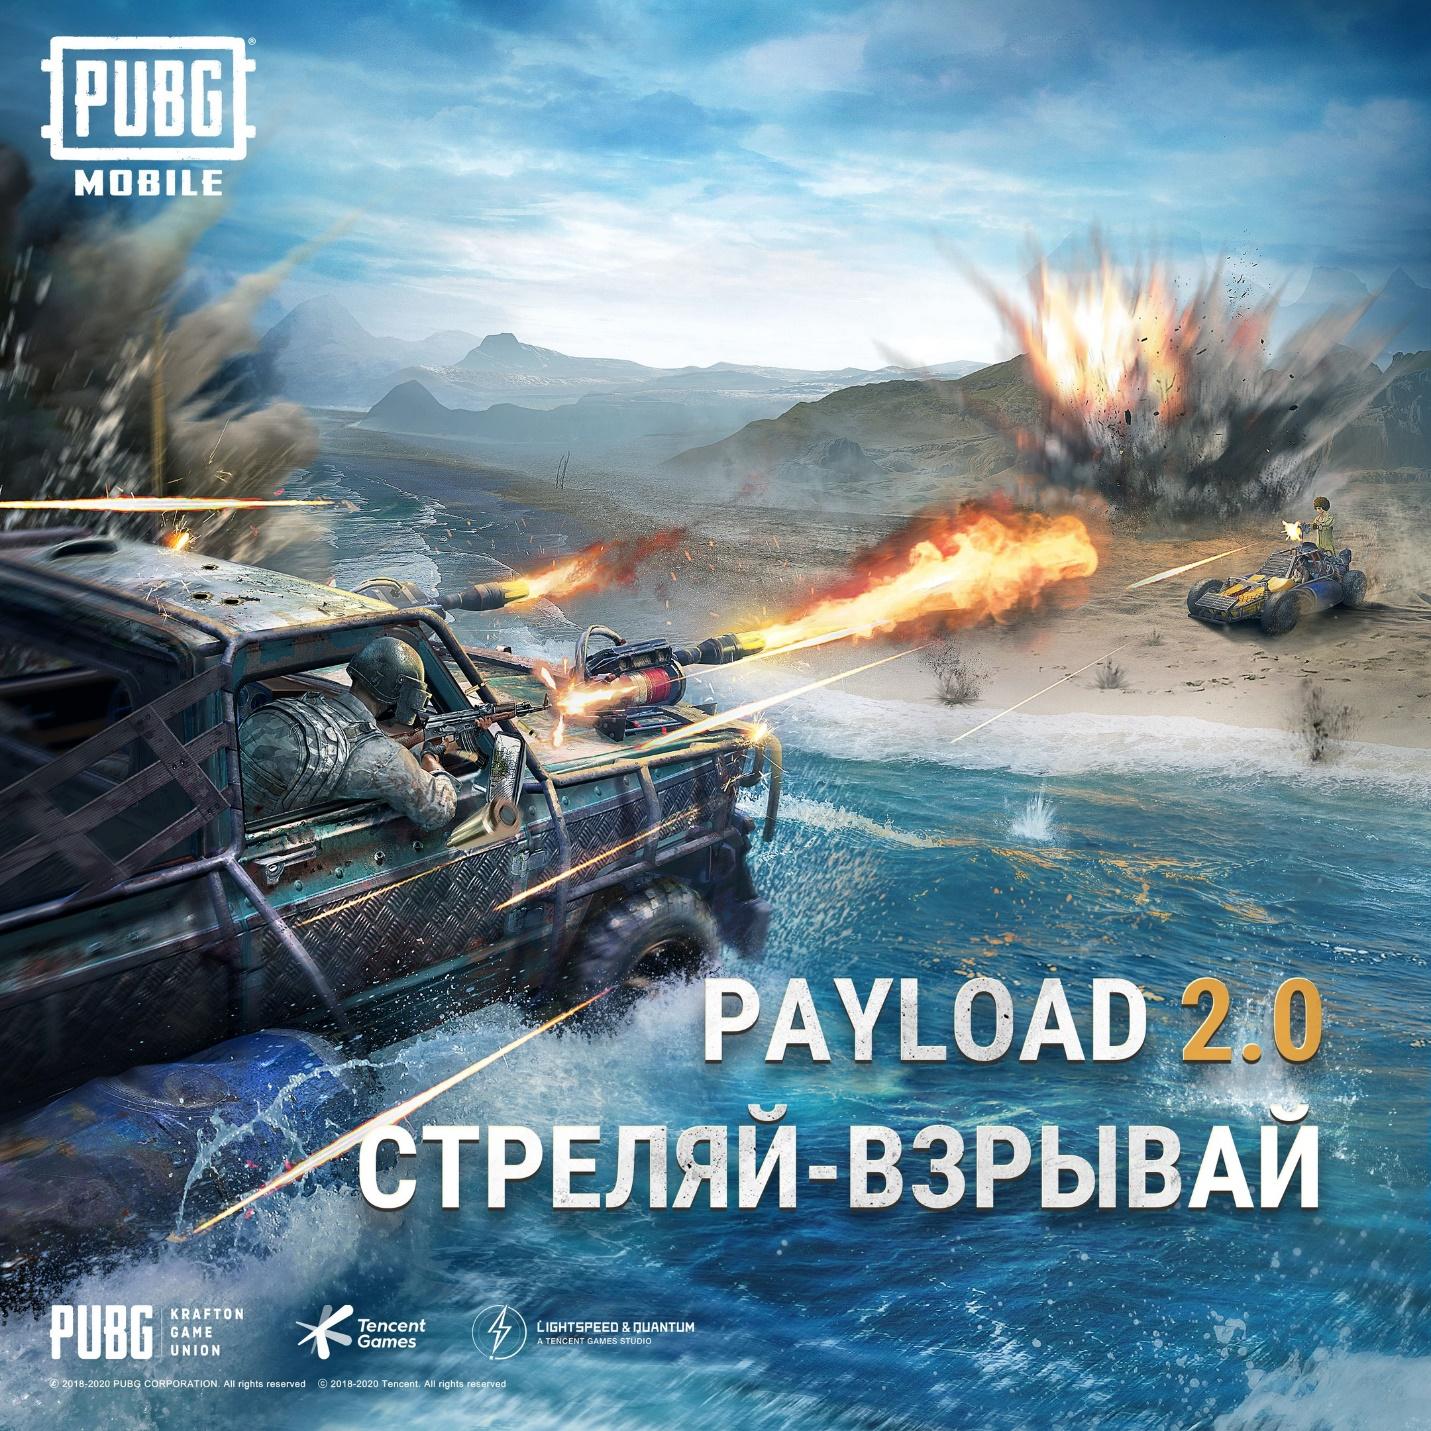 убрали Payload из PUBG MOBILE